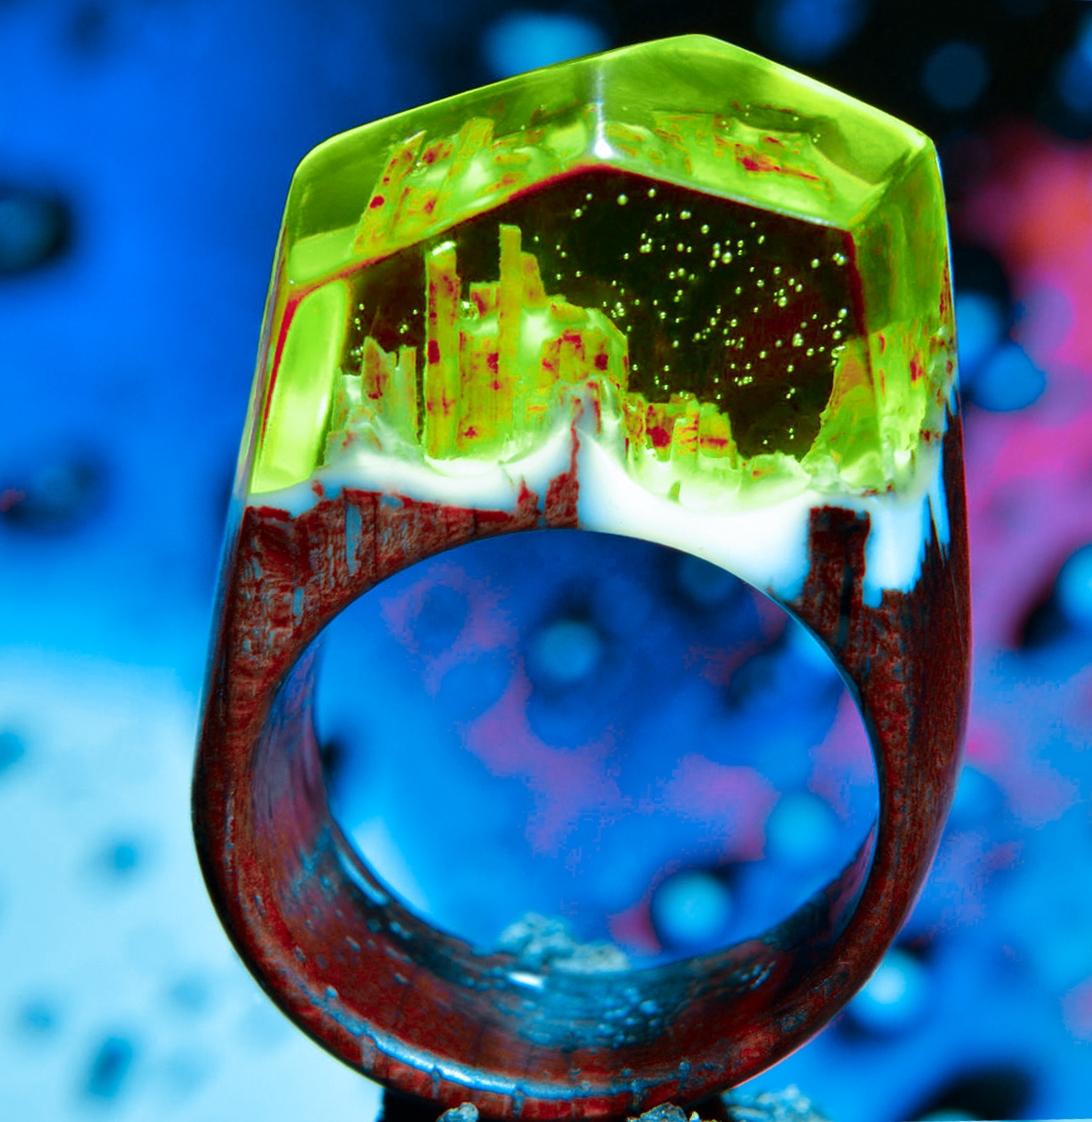 Оригинальное кольцо из эпоксидной смолы. Все тонкости и секреты изготовления.